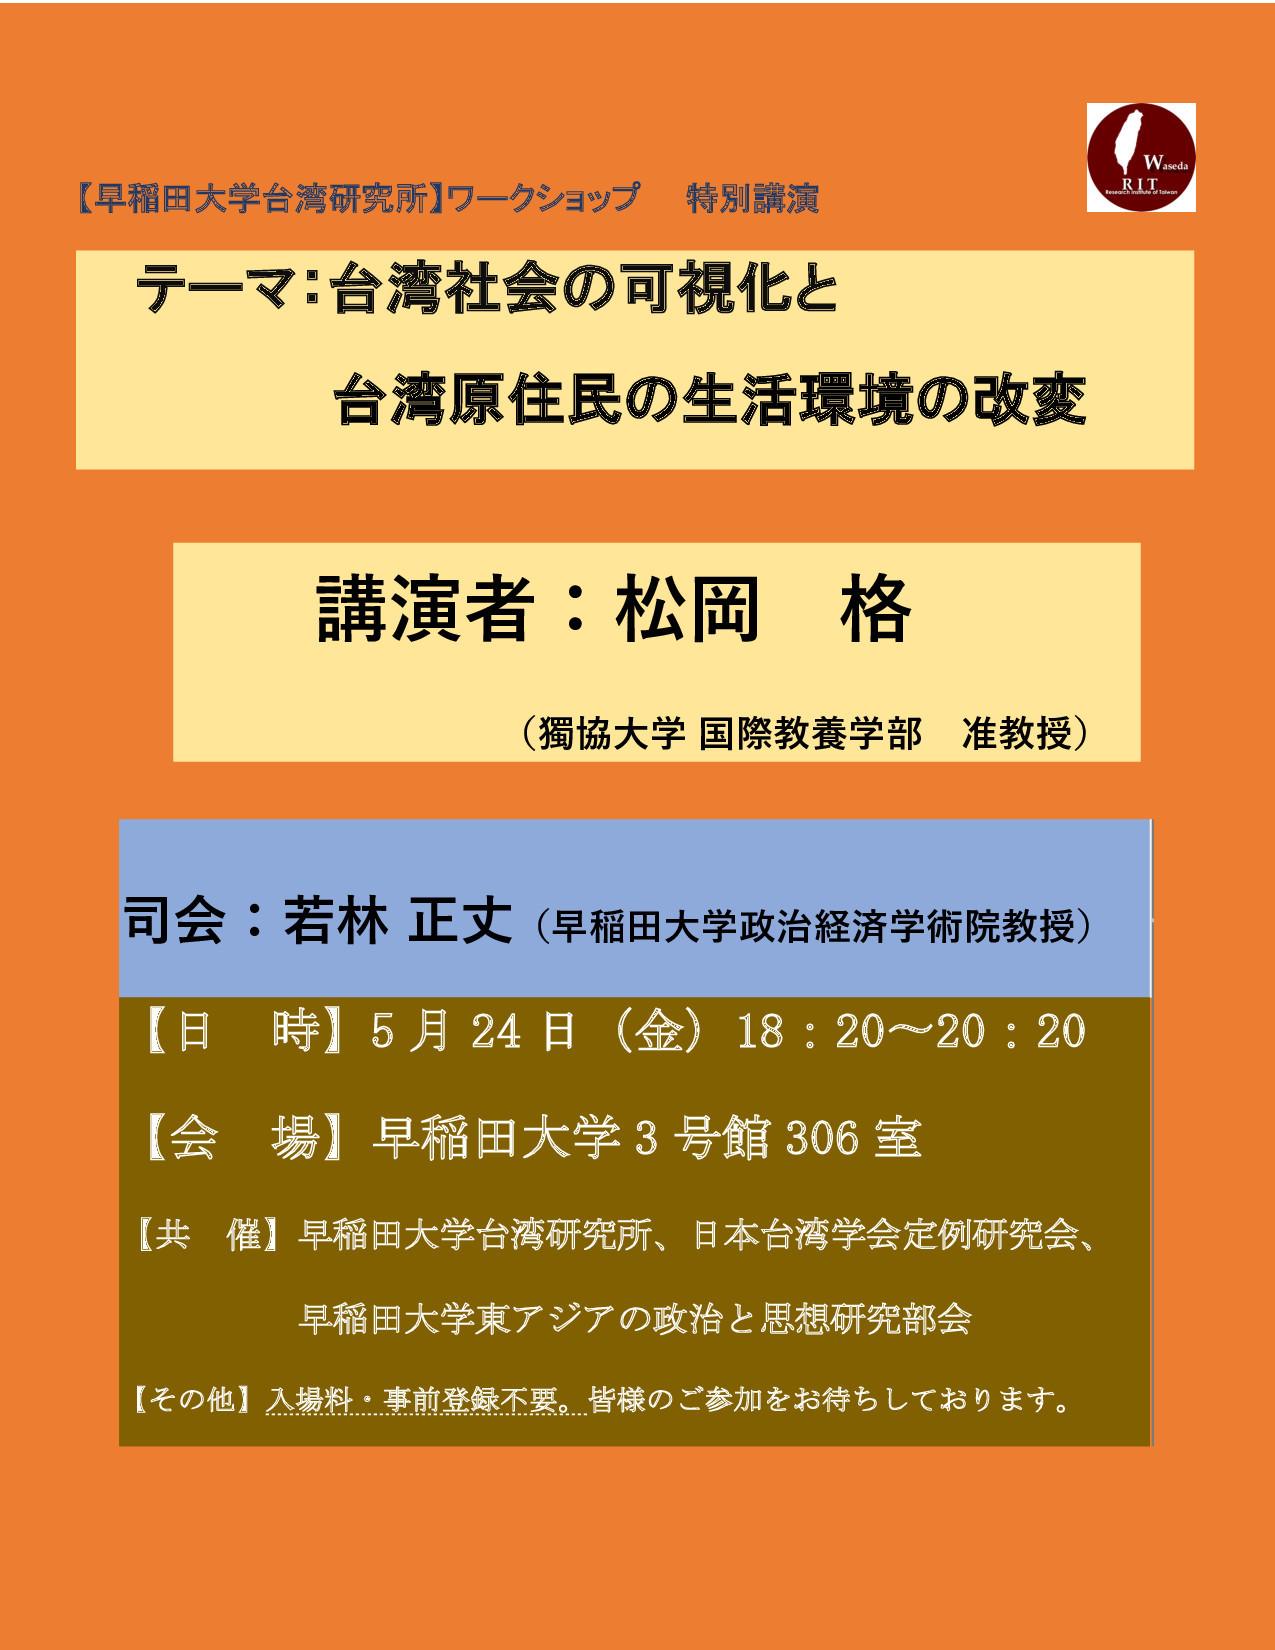 日本台湾学会定例研究会(歴史・政治・経済部会)第139回_d0199670_17462020.jpg